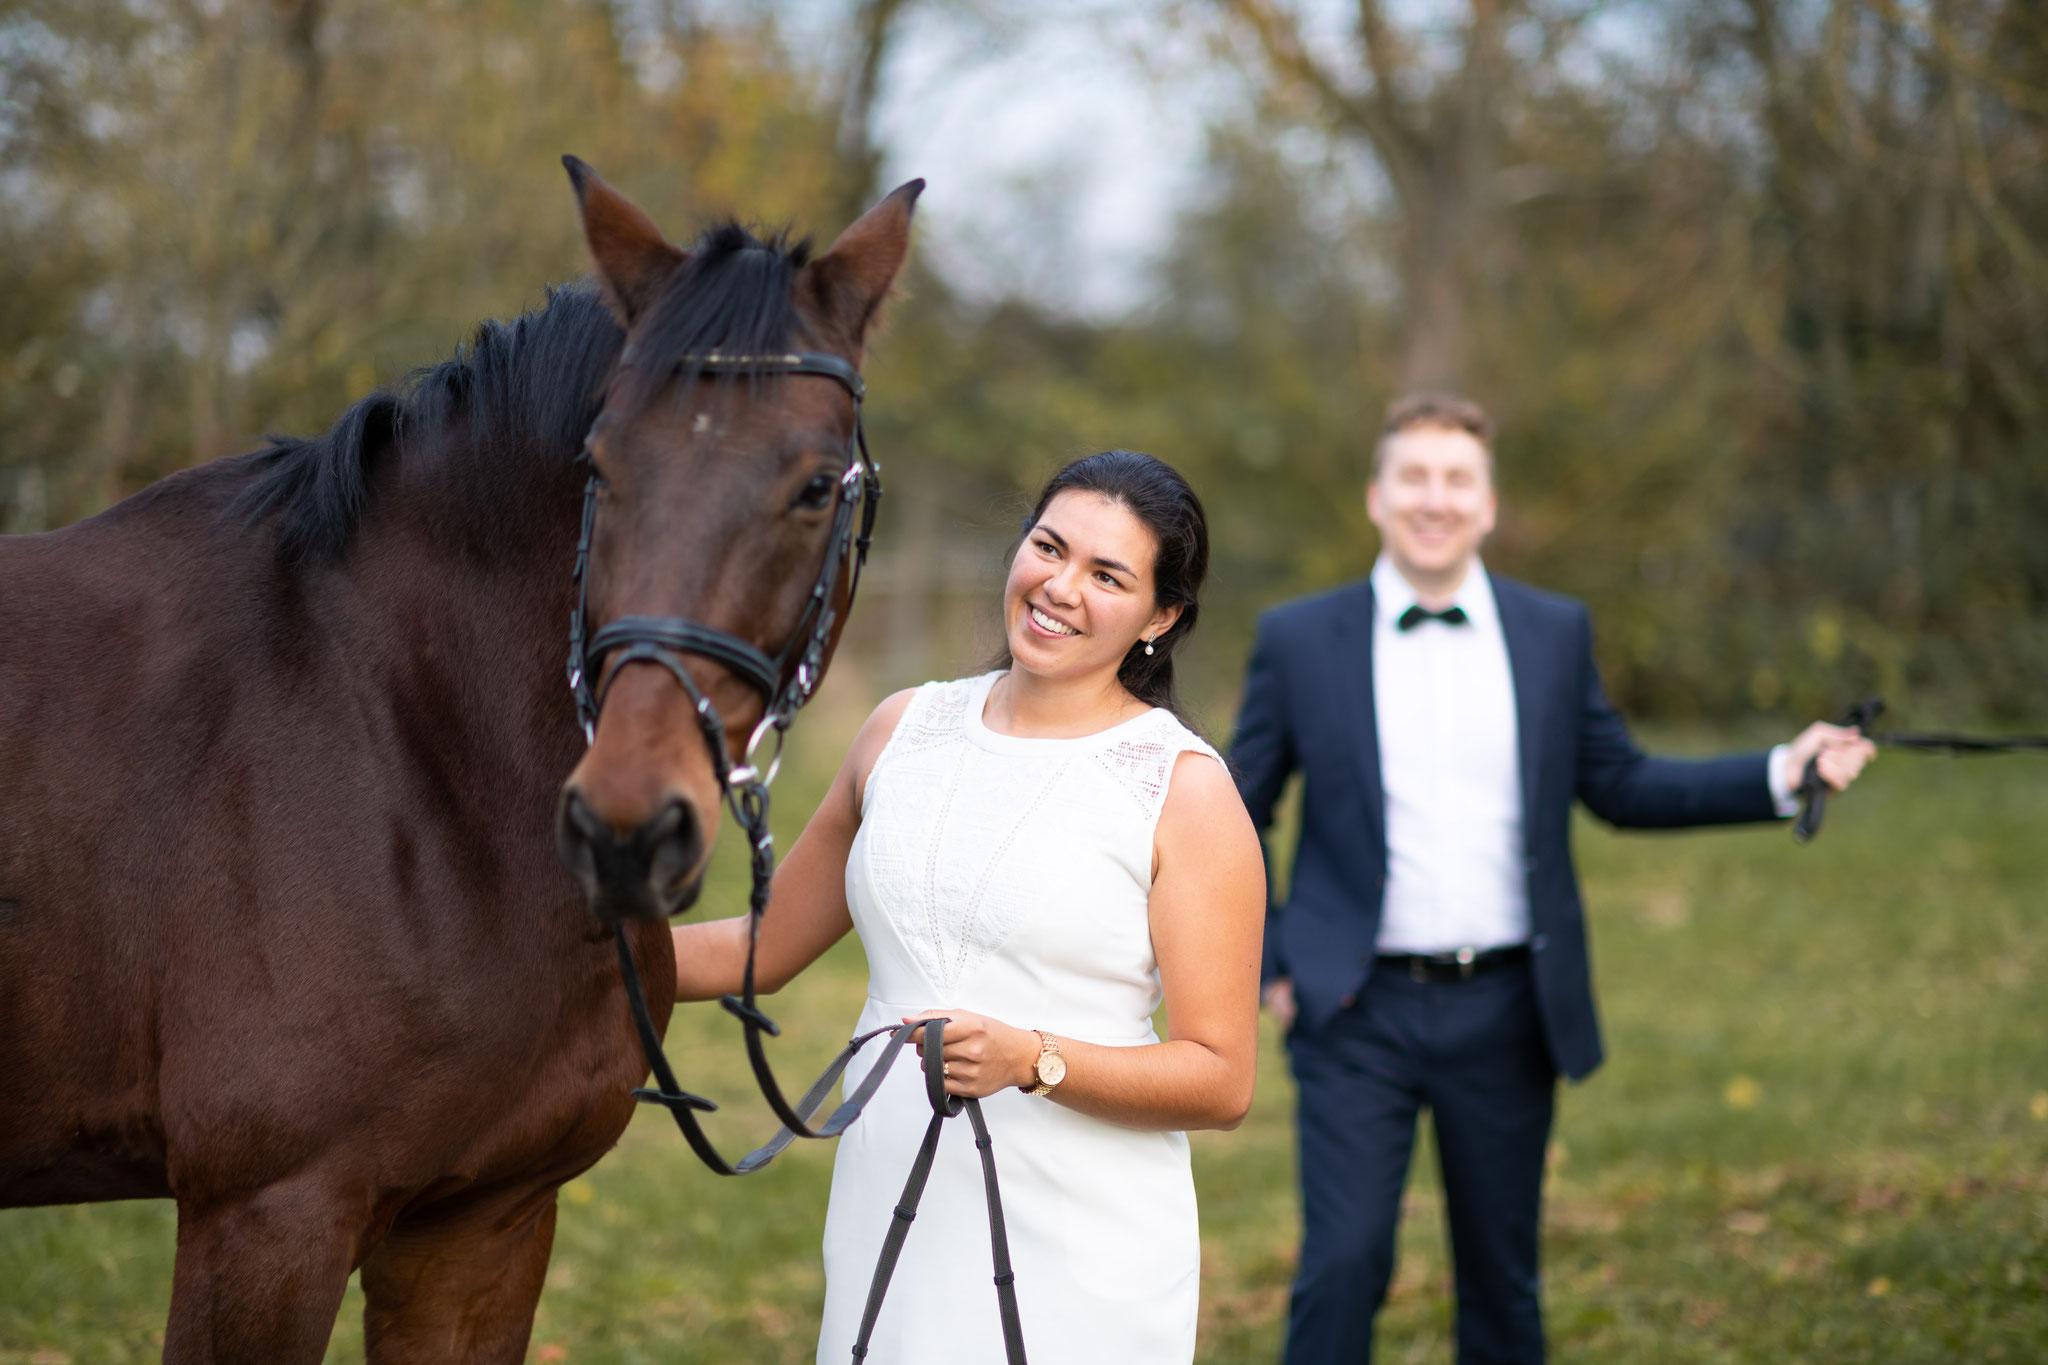 Kennenlern-Shooting vor der Hochzeit